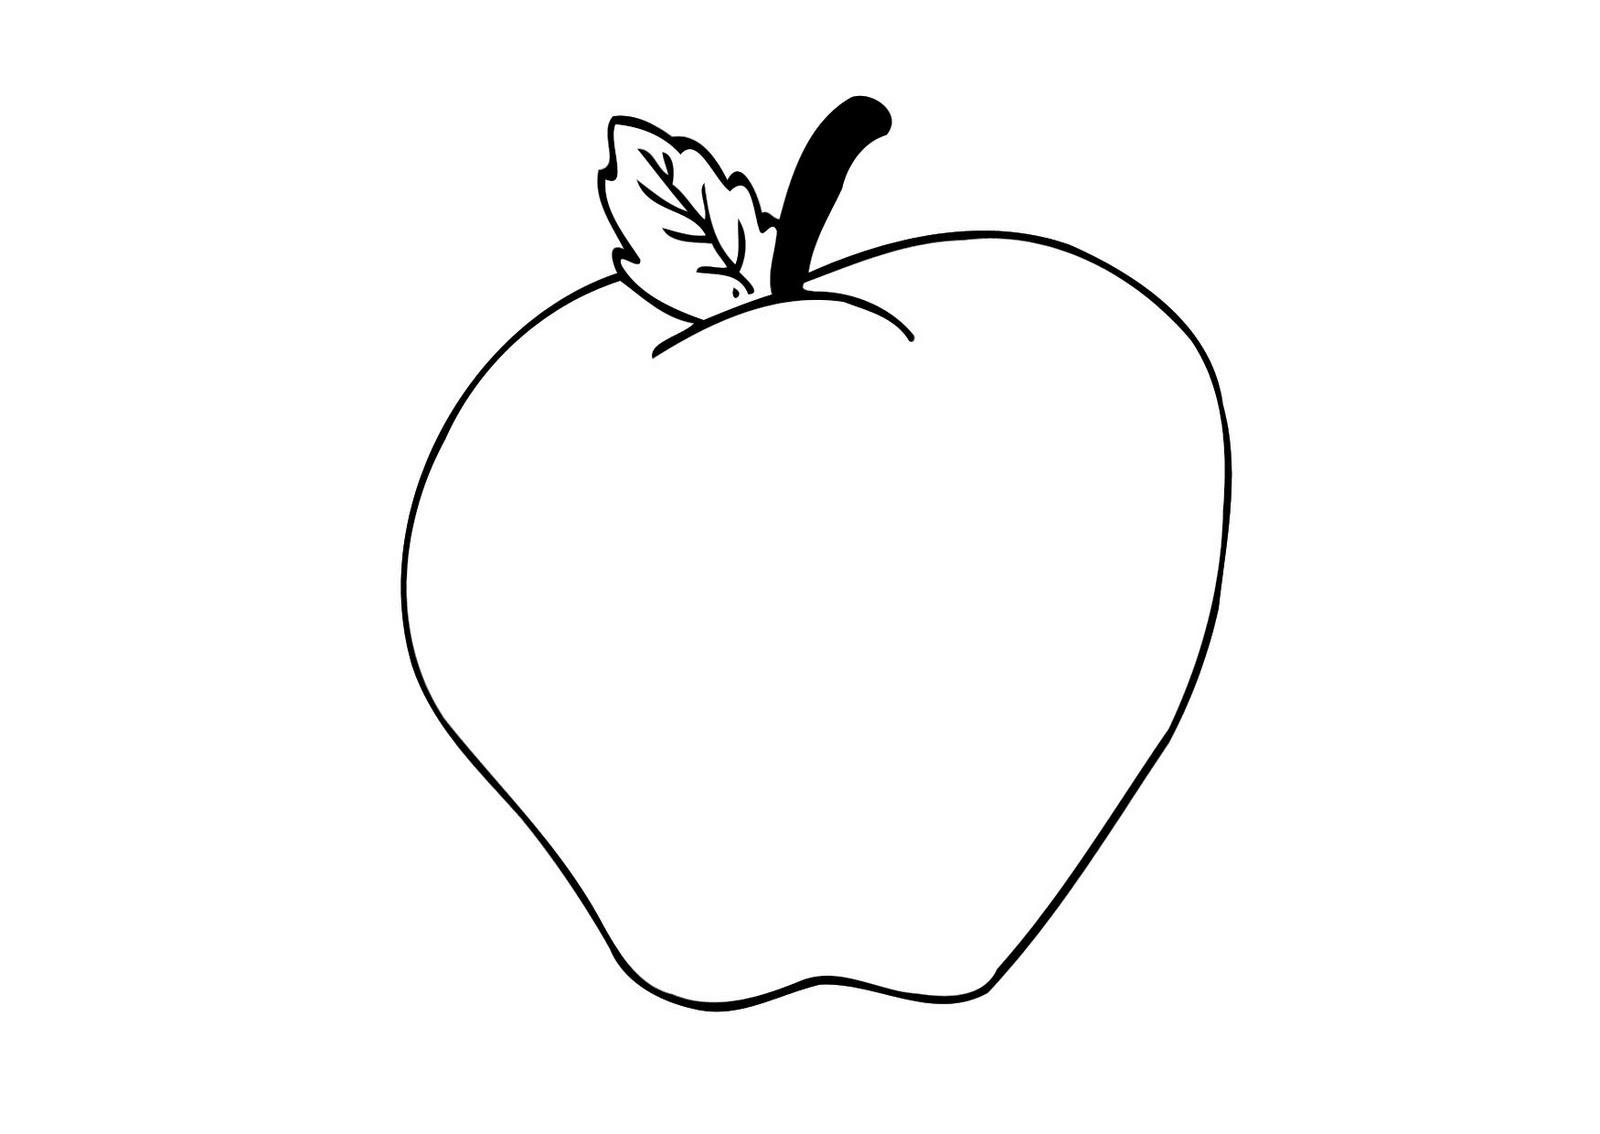 Imagenes para colorear im genes de manzanas para colorear for Dibujo de una piedra para colorear